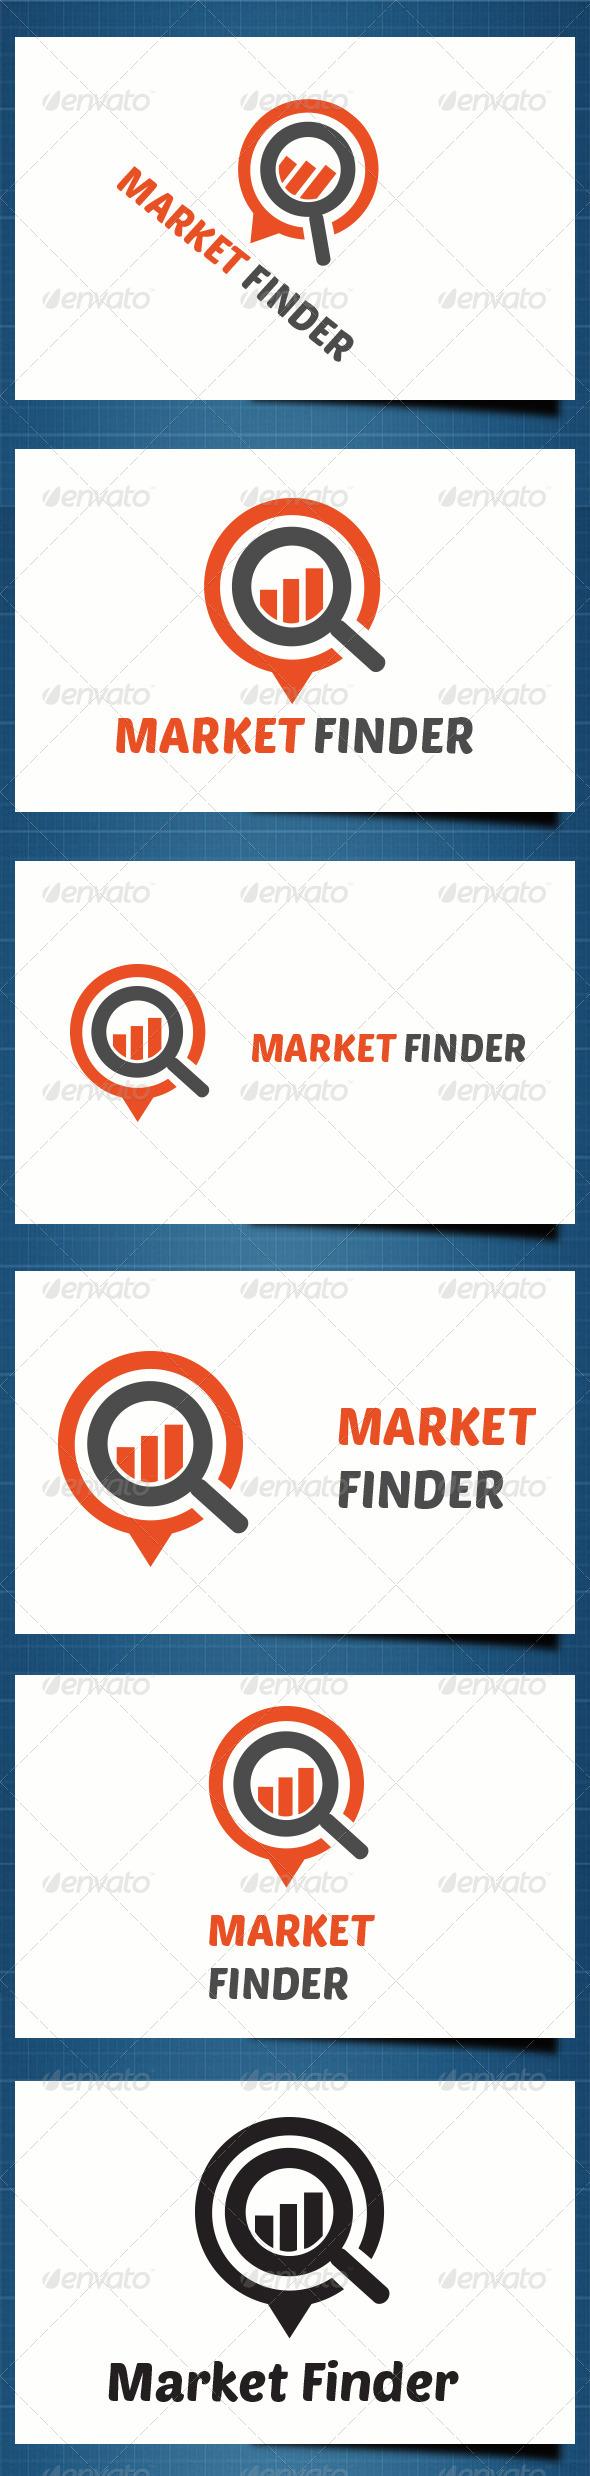 GraphicRiver Market Finder Logo 5266778